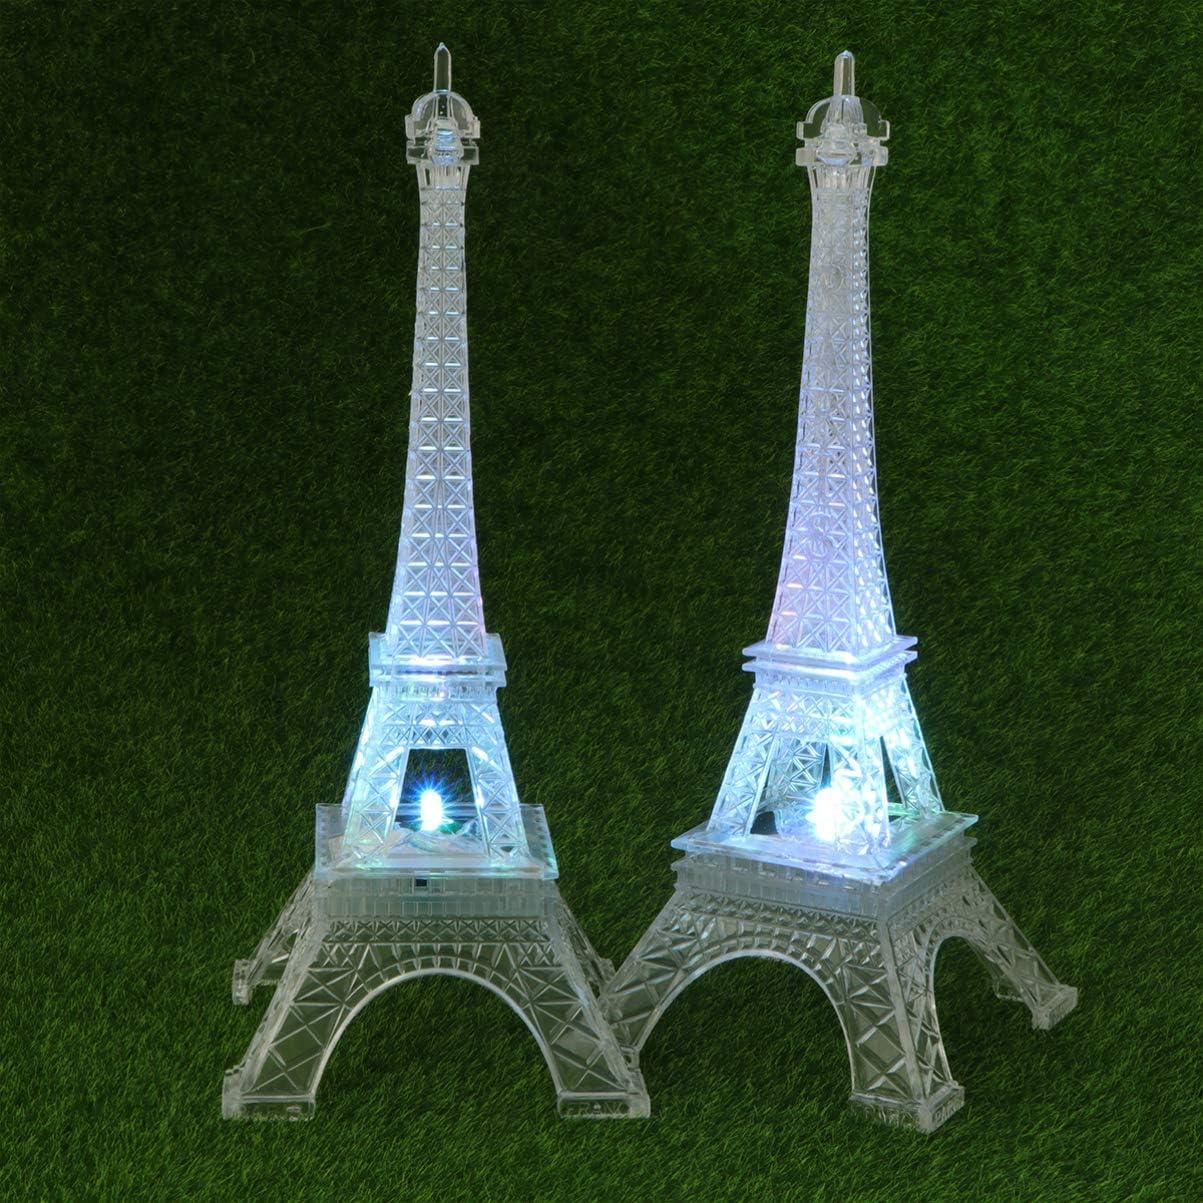 OSALADI 2 Piezas Luces de Noche de la Torre Eiffel l/ámpara de Mesa led l/ámpara Colorida Adorno para Sala de Estar Dormitorio Iluminado Pastel Topper figuritas